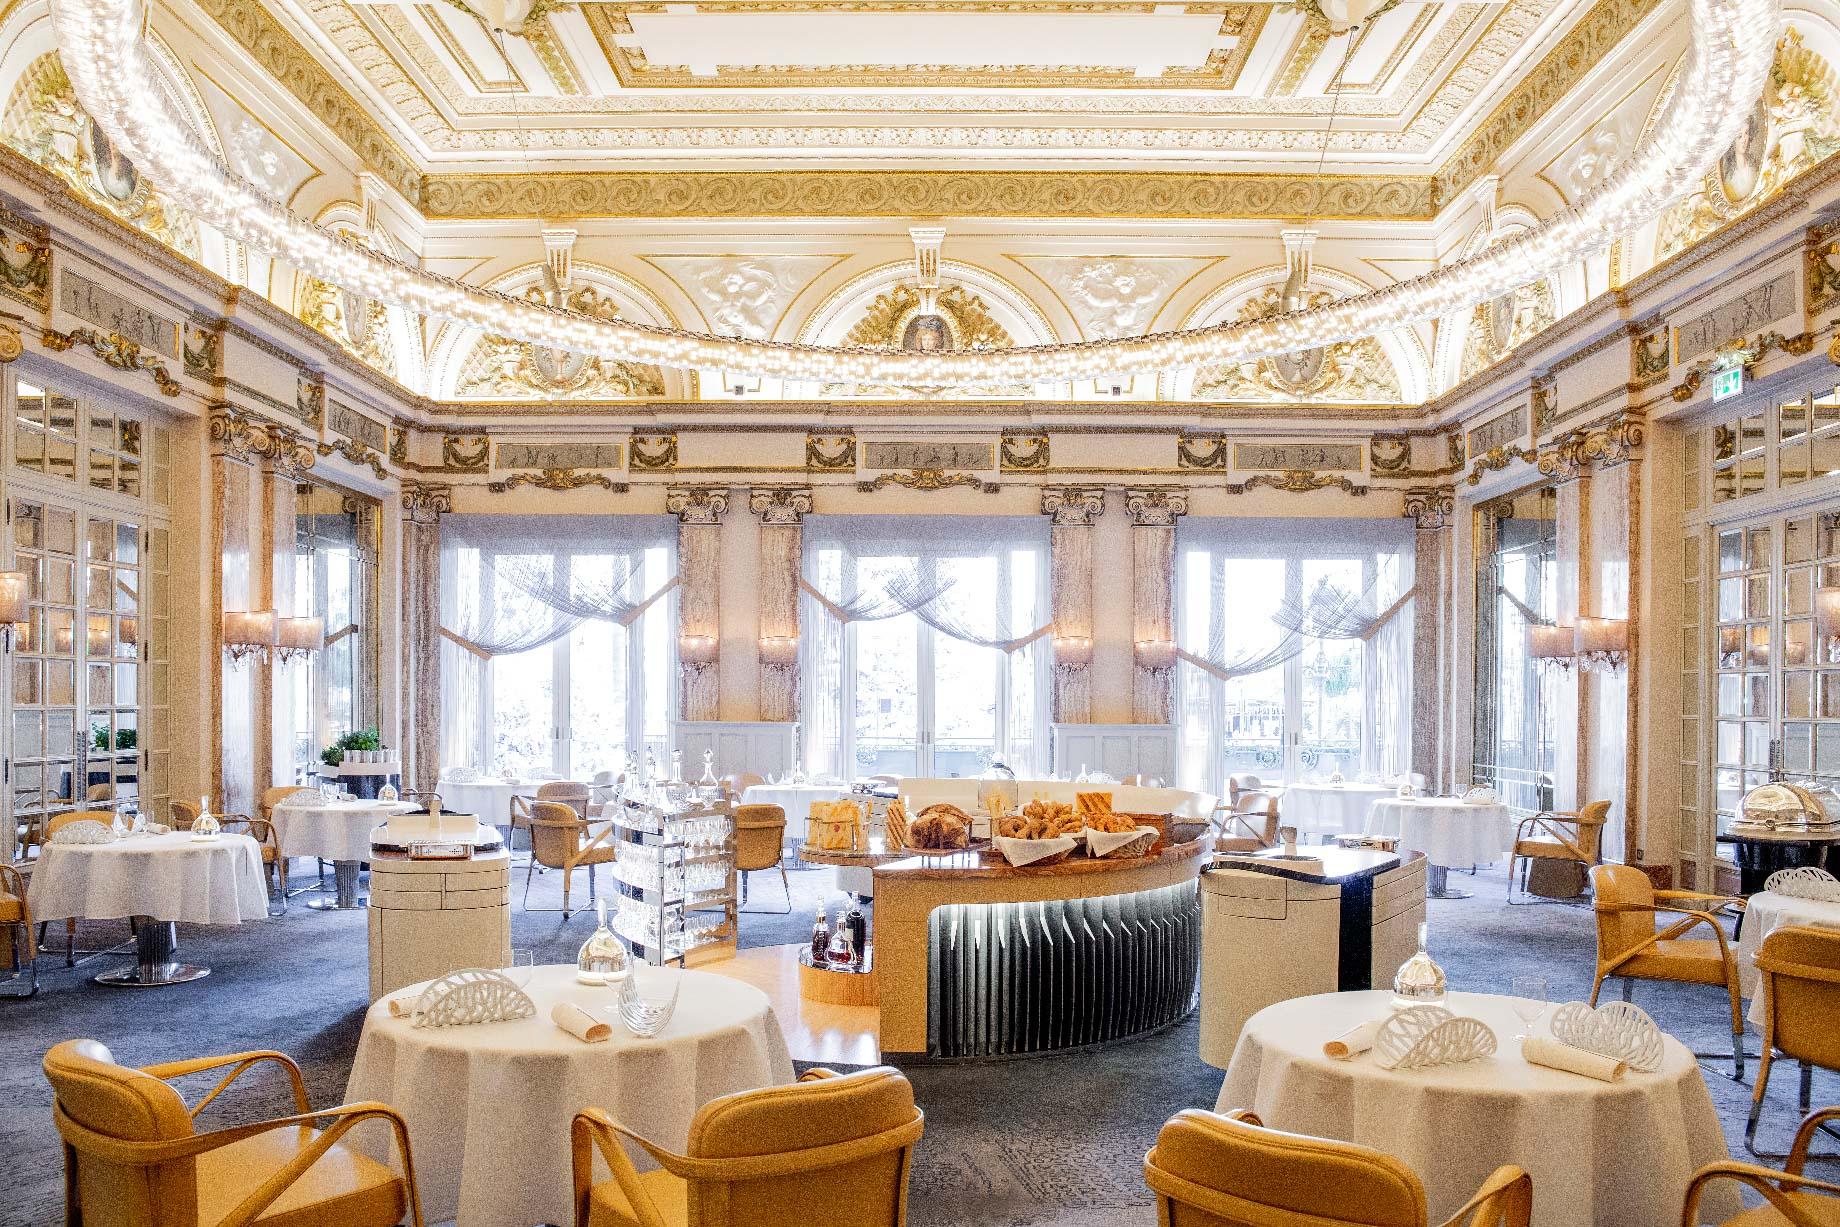 Discover Five of The Best Things to Do in Monaco in Winter - Le Louis XV - Alain Ducasse à l'Hôtel de Paris Restaurant